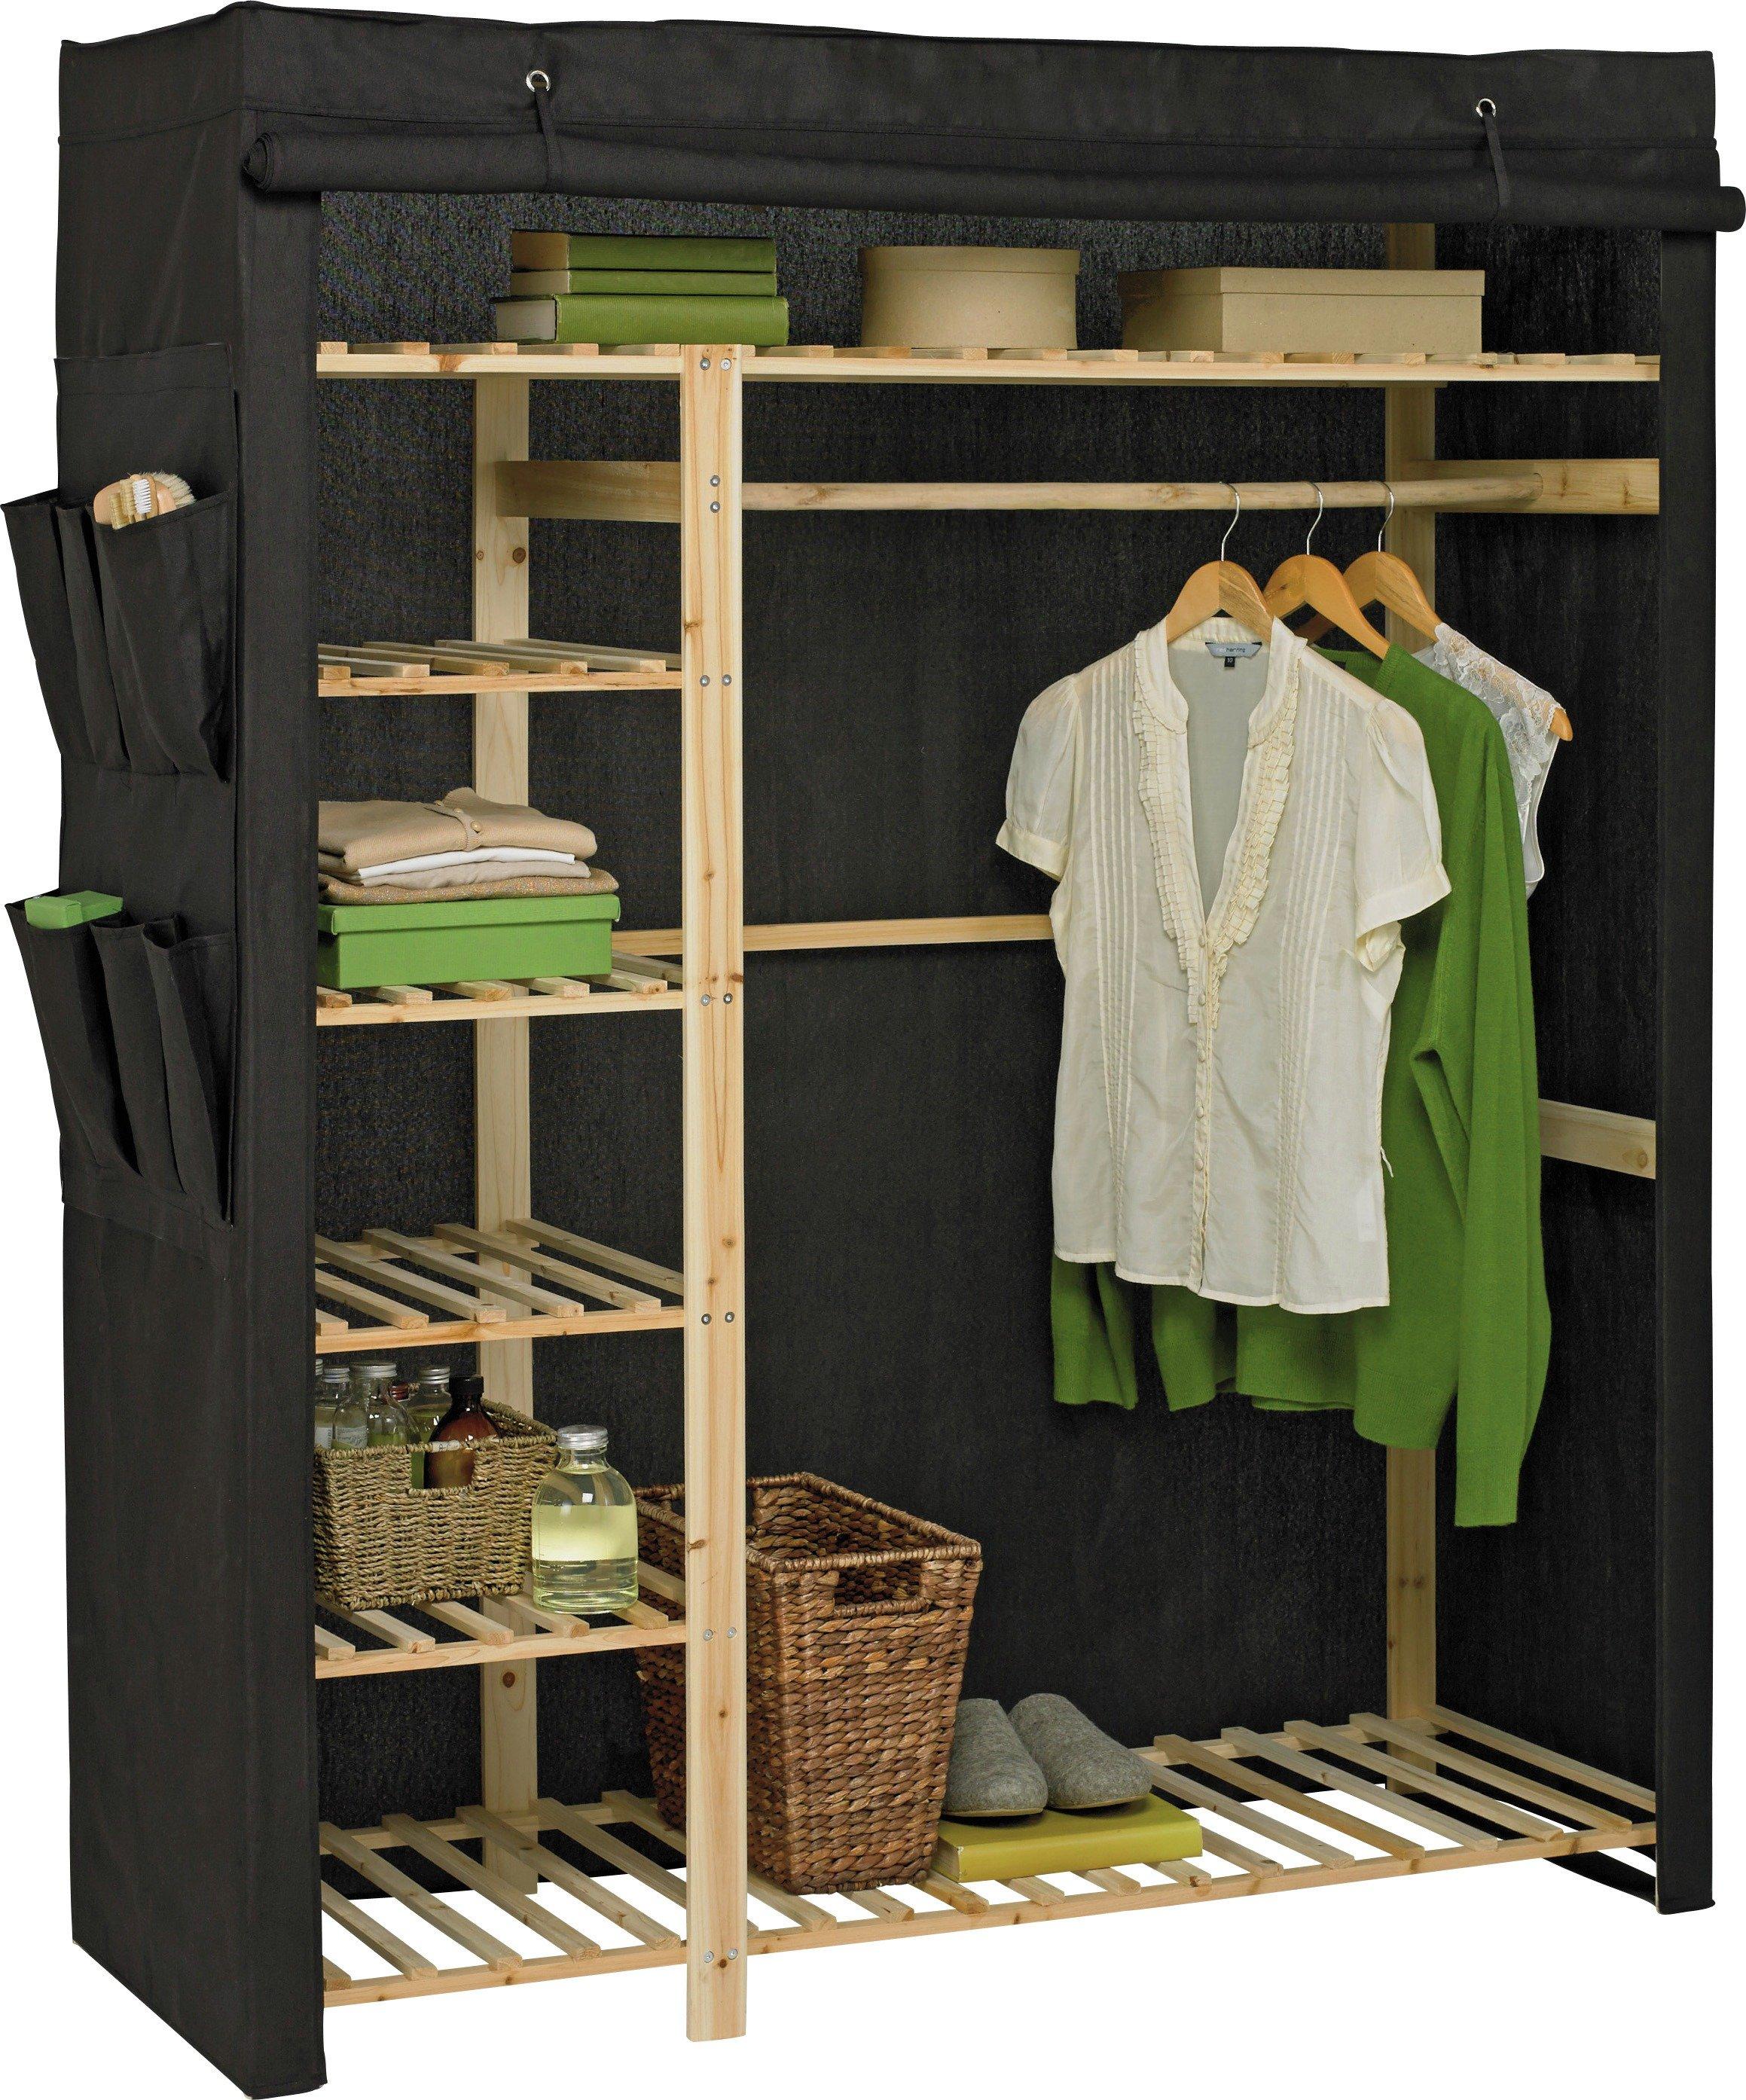 pine wardrobes for sale solid pine antique pine. Black Bedroom Furniture Sets. Home Design Ideas